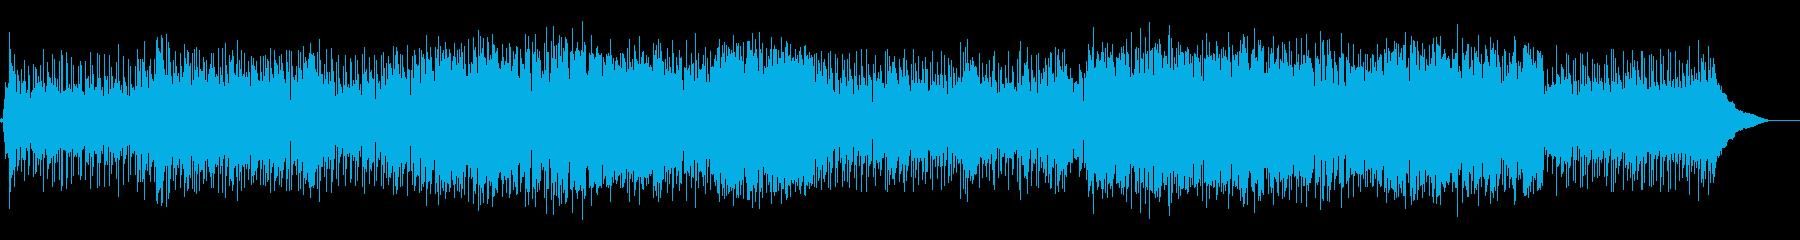 ミディアムテンポの軽快なポップソングの再生済みの波形